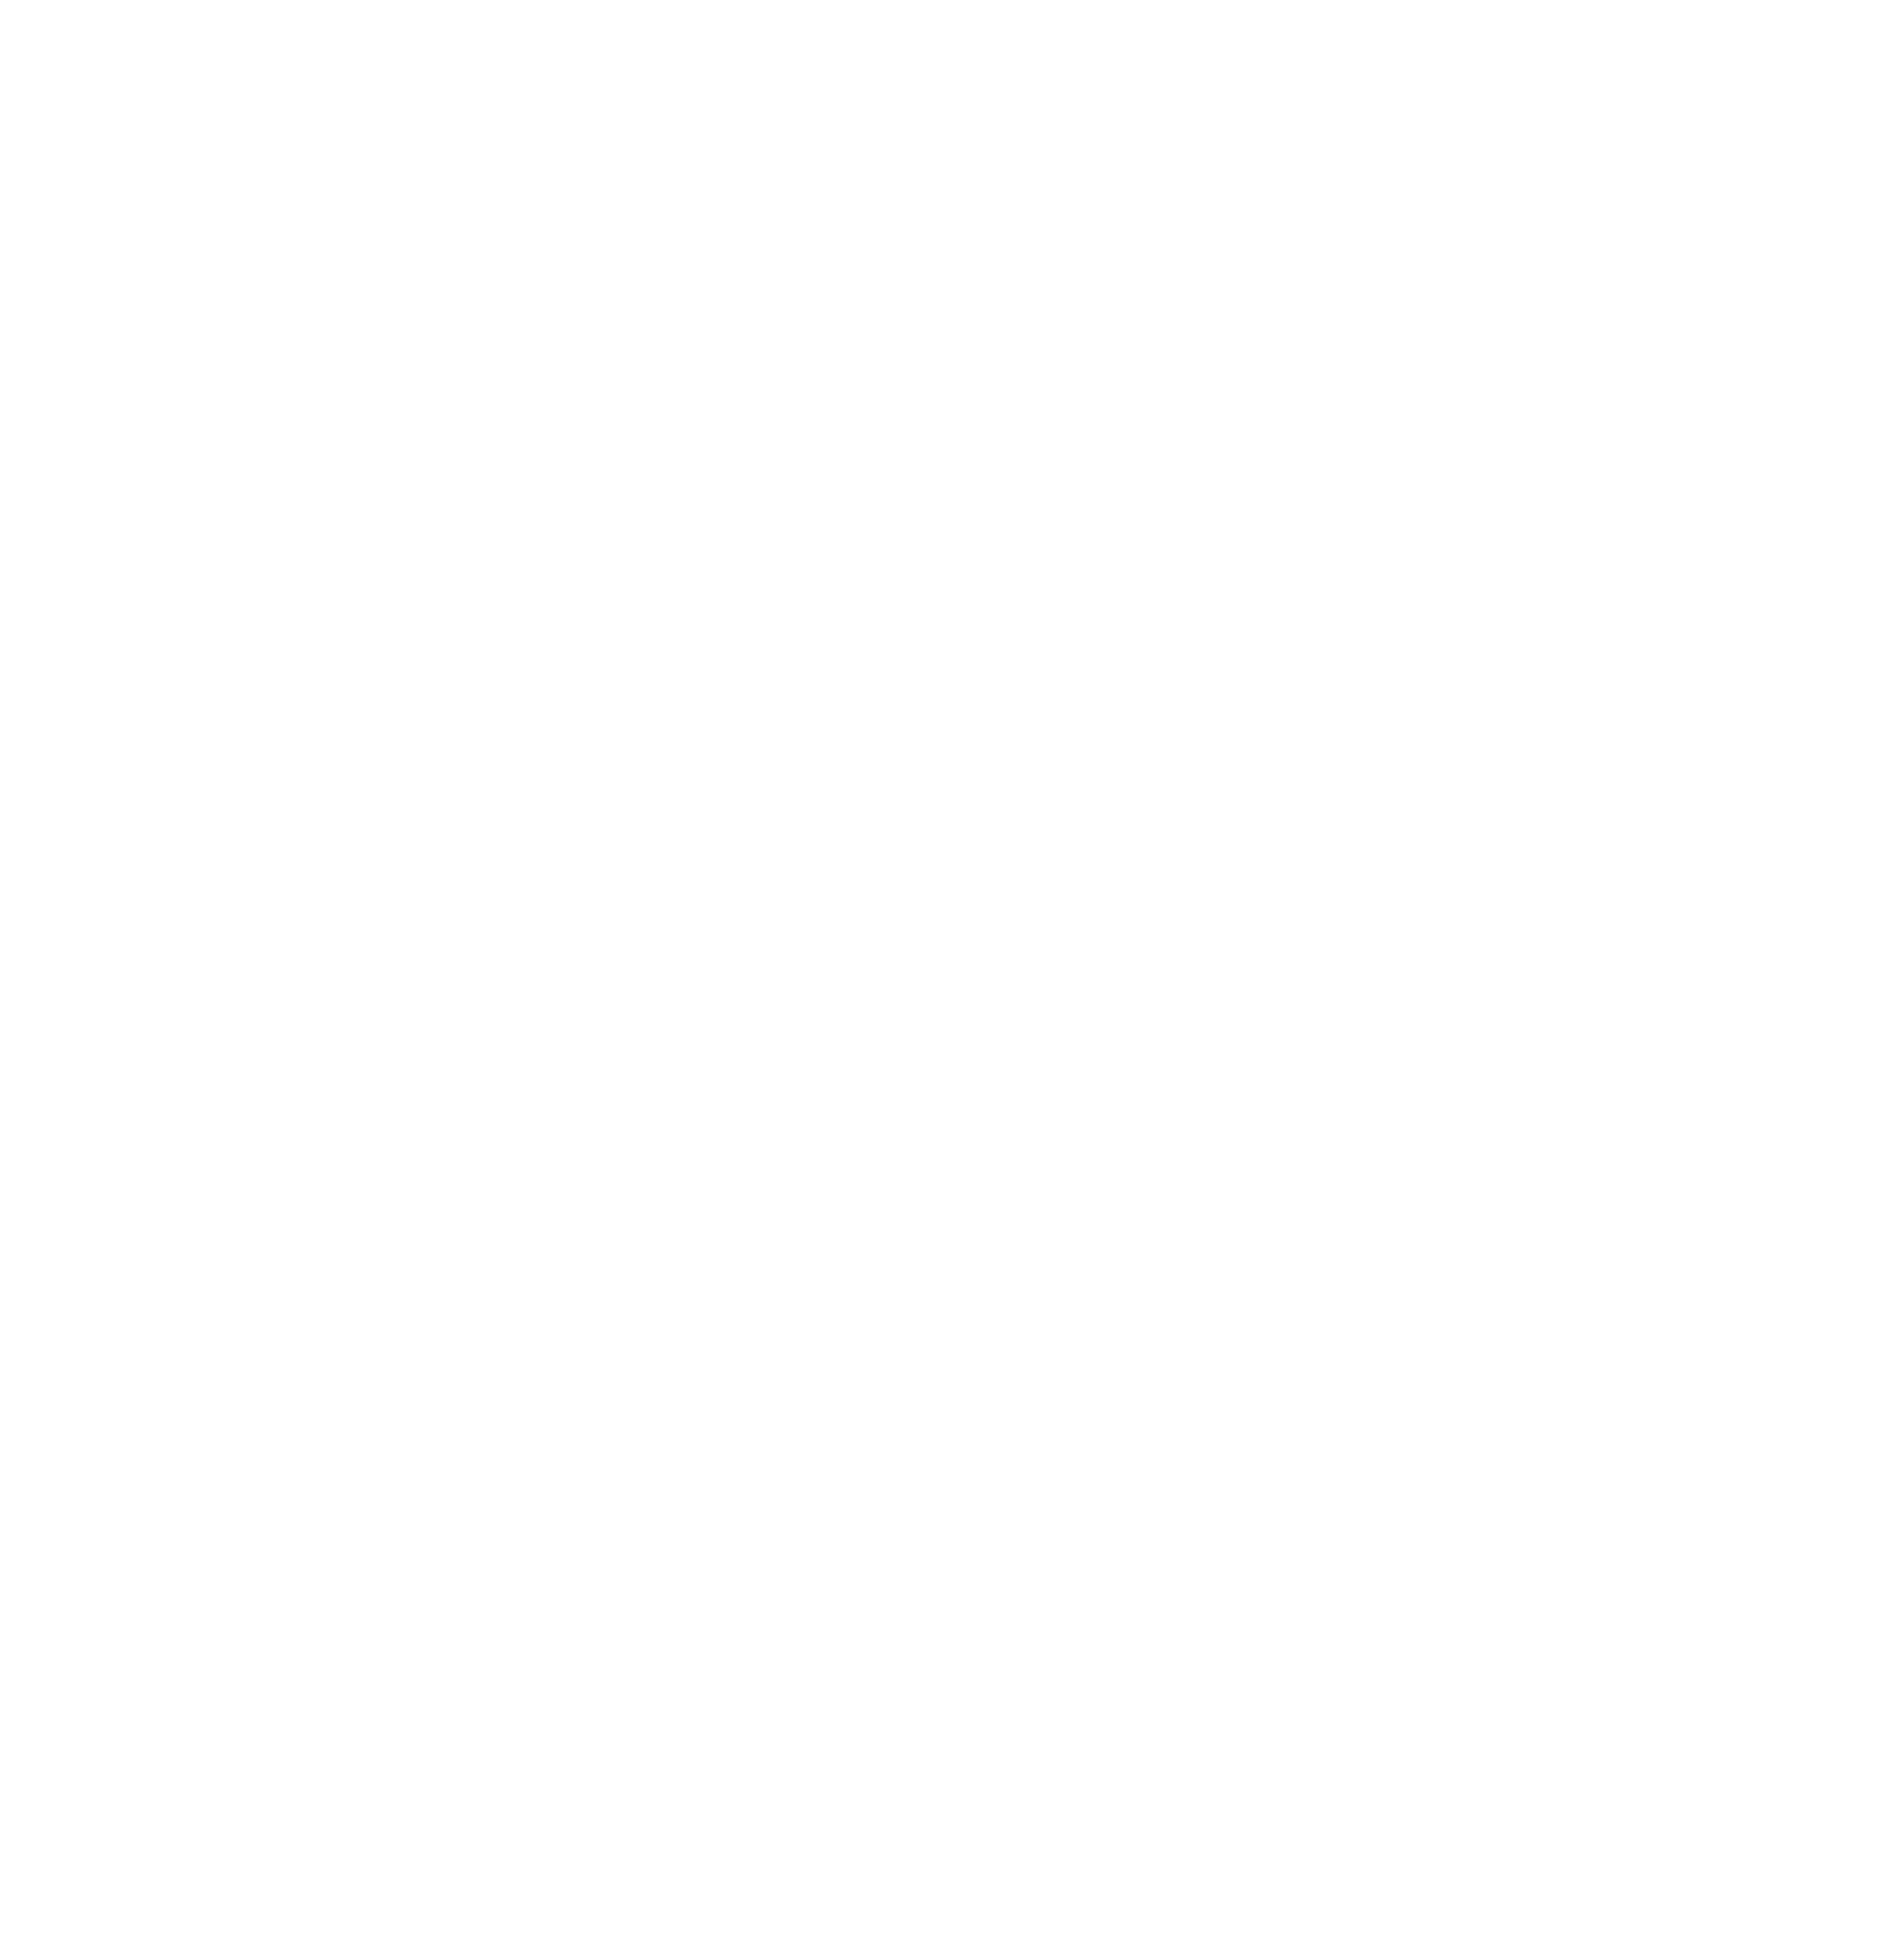 VENCEDORES EM FORMAÇÃO E COACHING NOS MELHORES FORNECEDORES RH 2020